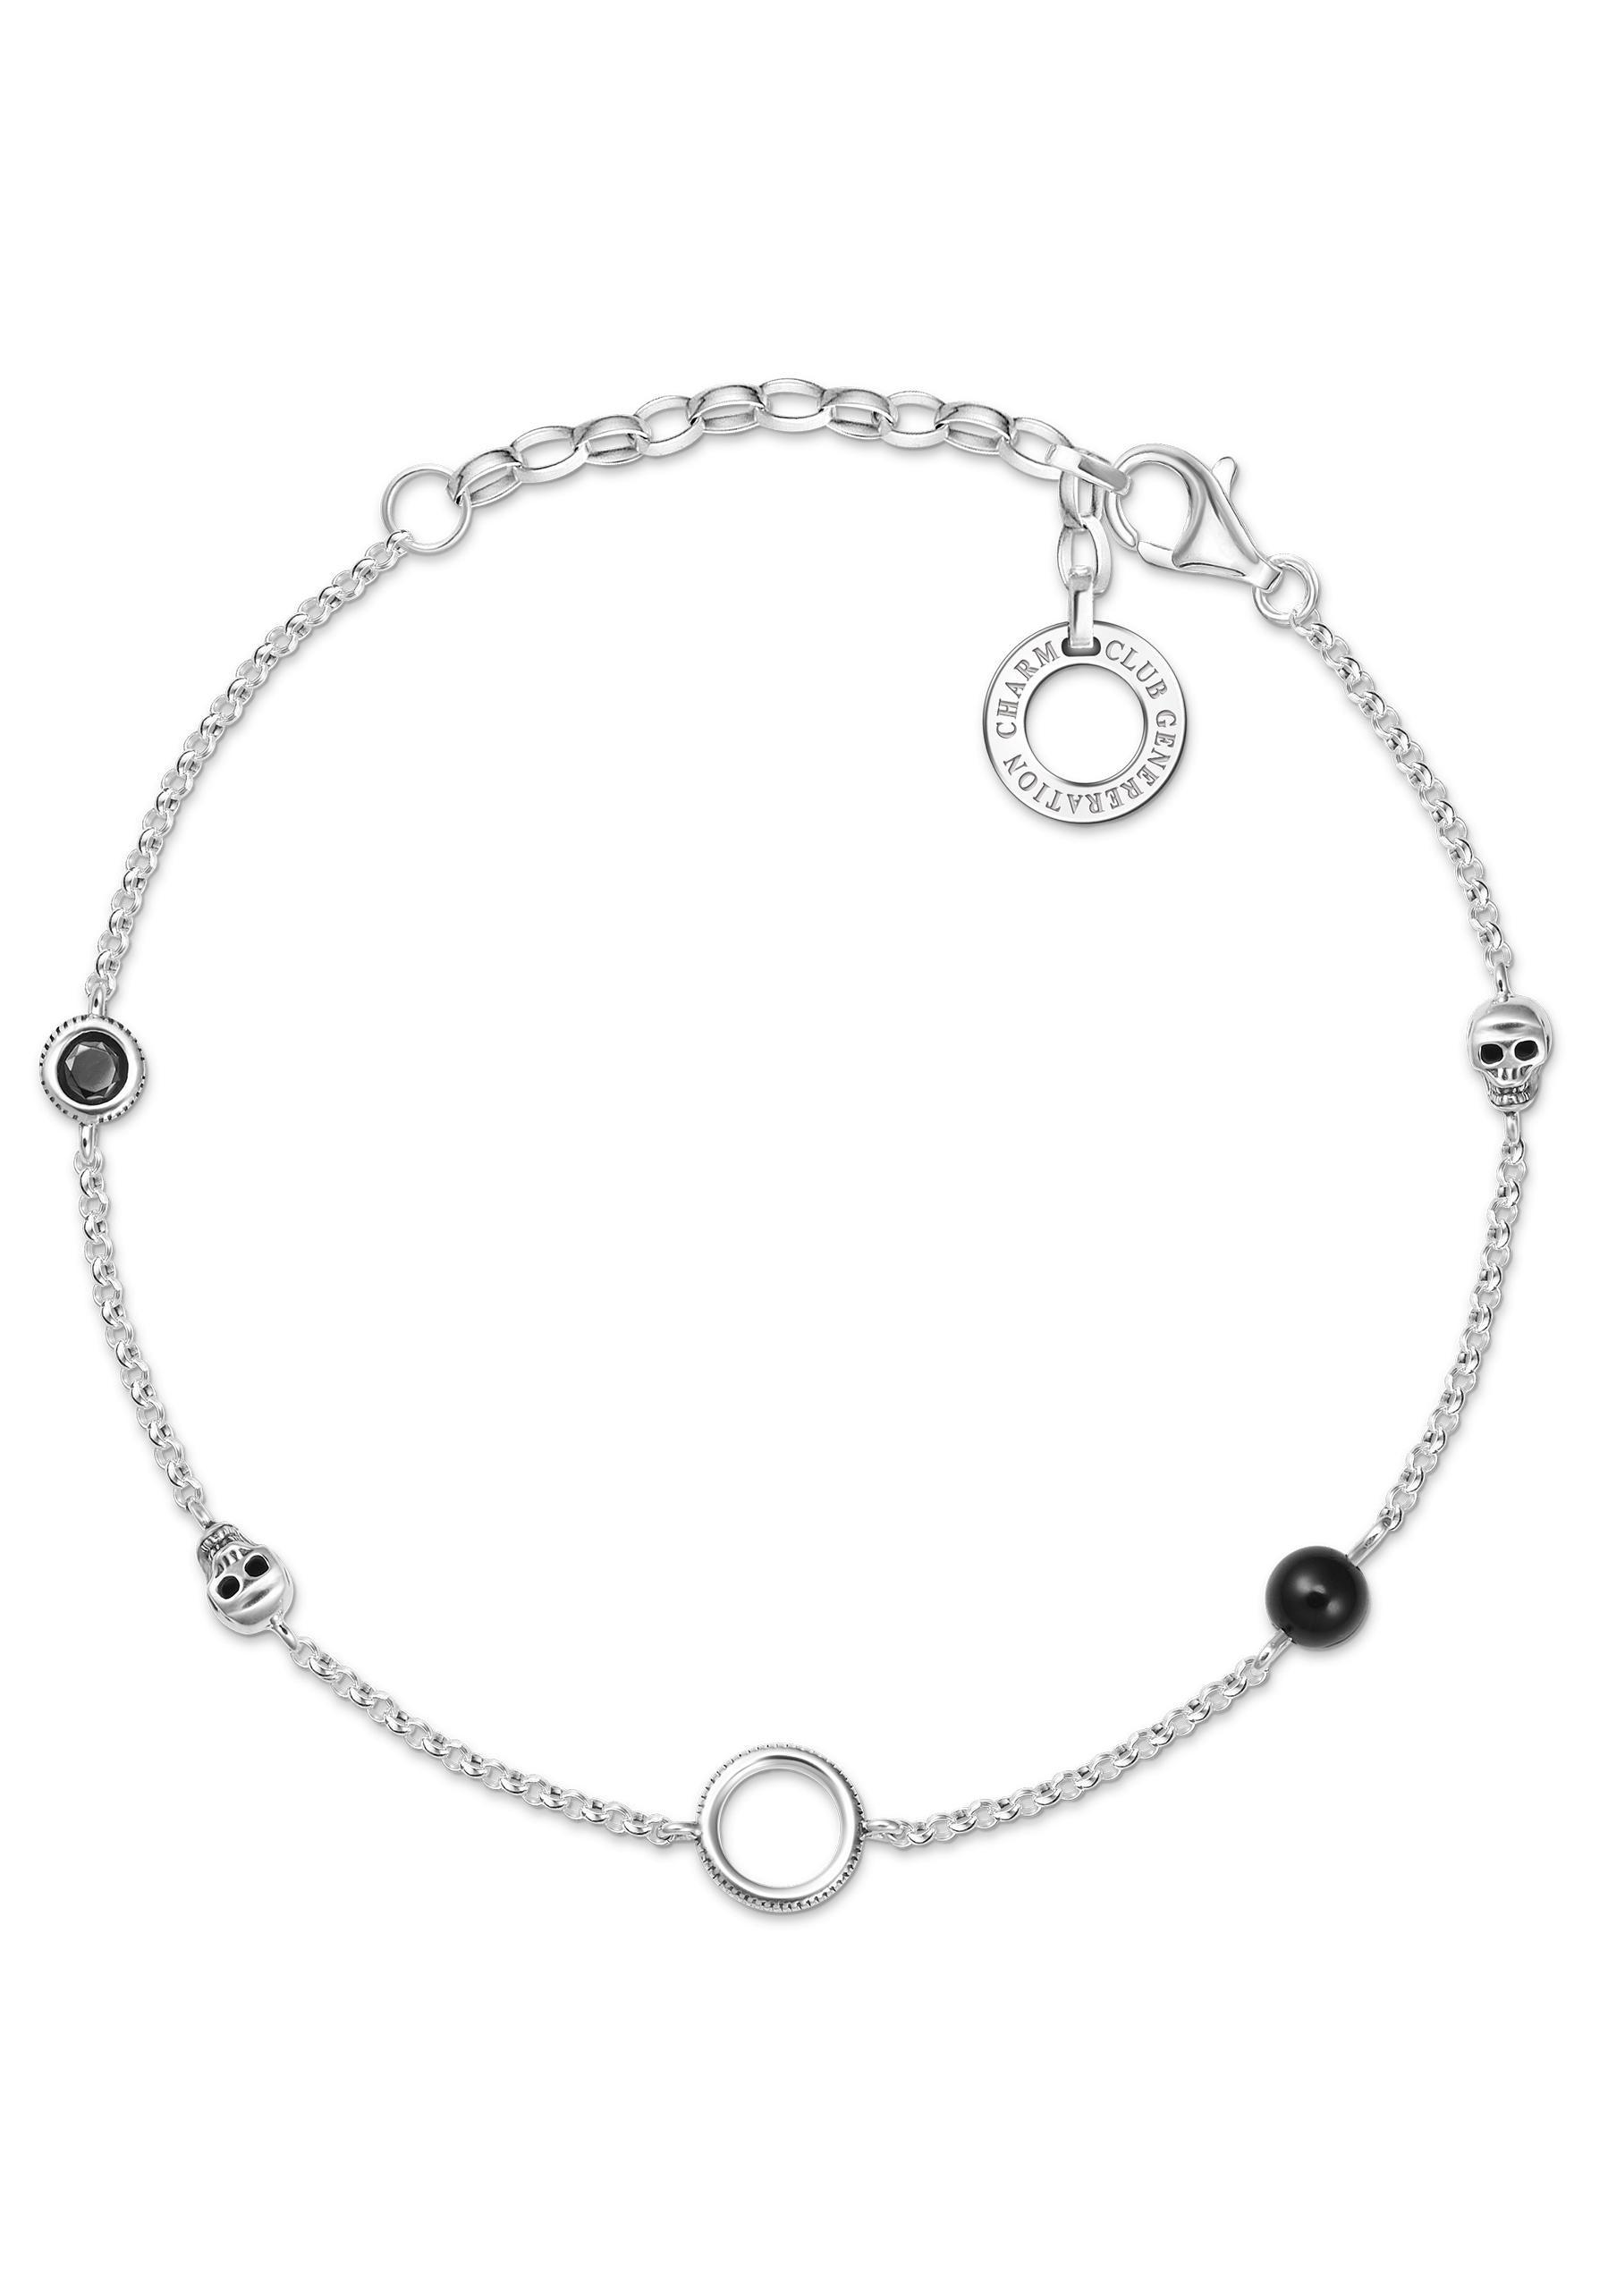 THOMAS SABO Charm-Armband Farbige Steine X0275-641-11-L19v   Schmuck > Armbänder > Charm-Armbänder   Thomas Sabo